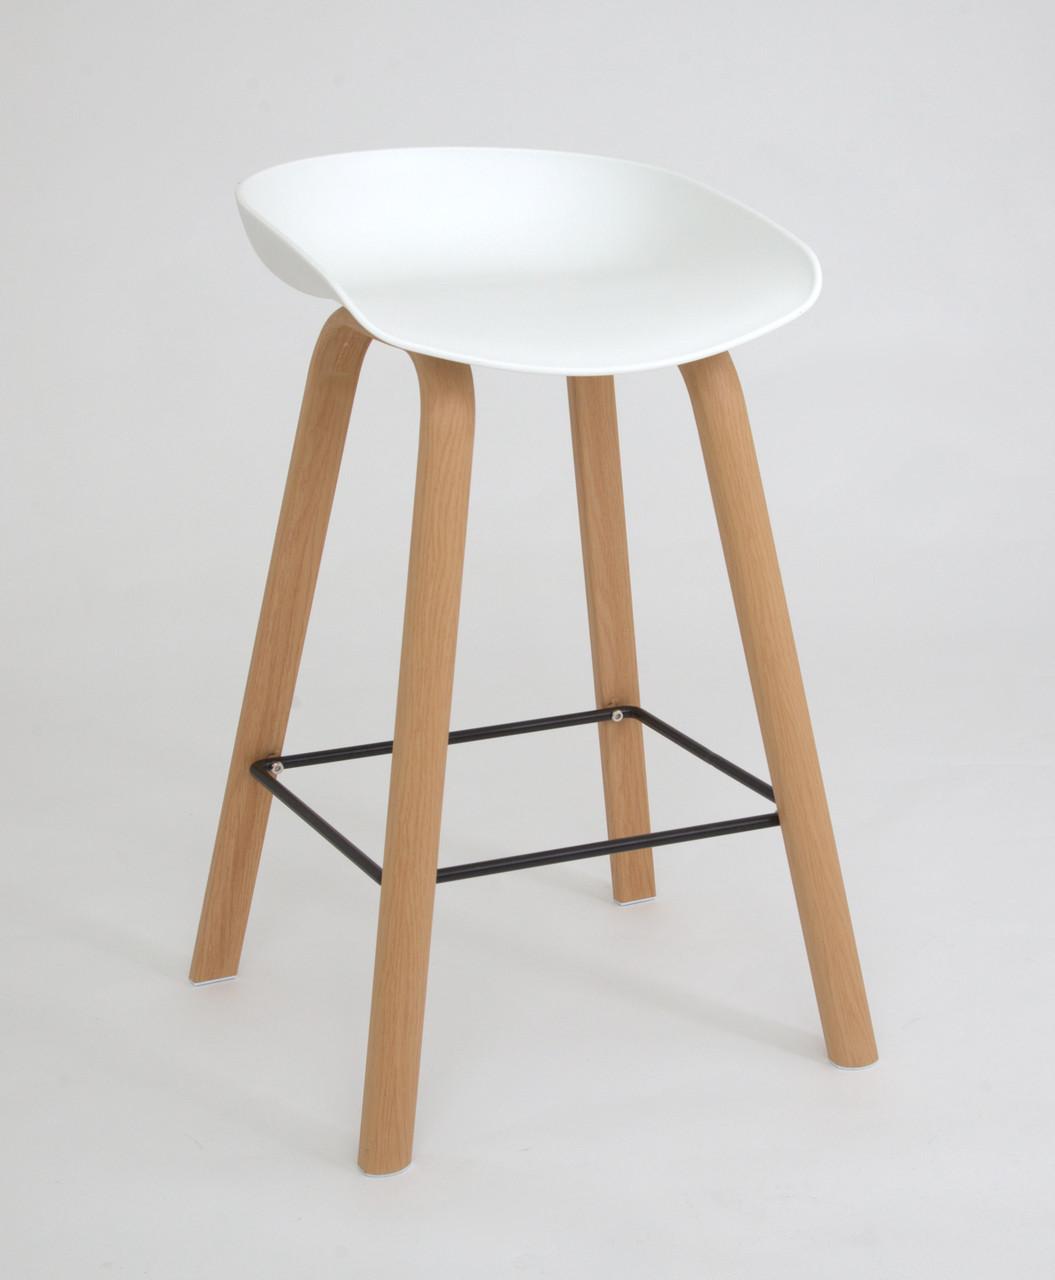 Барный стул с пластиковым сиденьем и деревянными ножками для баров, кафе, ресторанов, стильных квартир